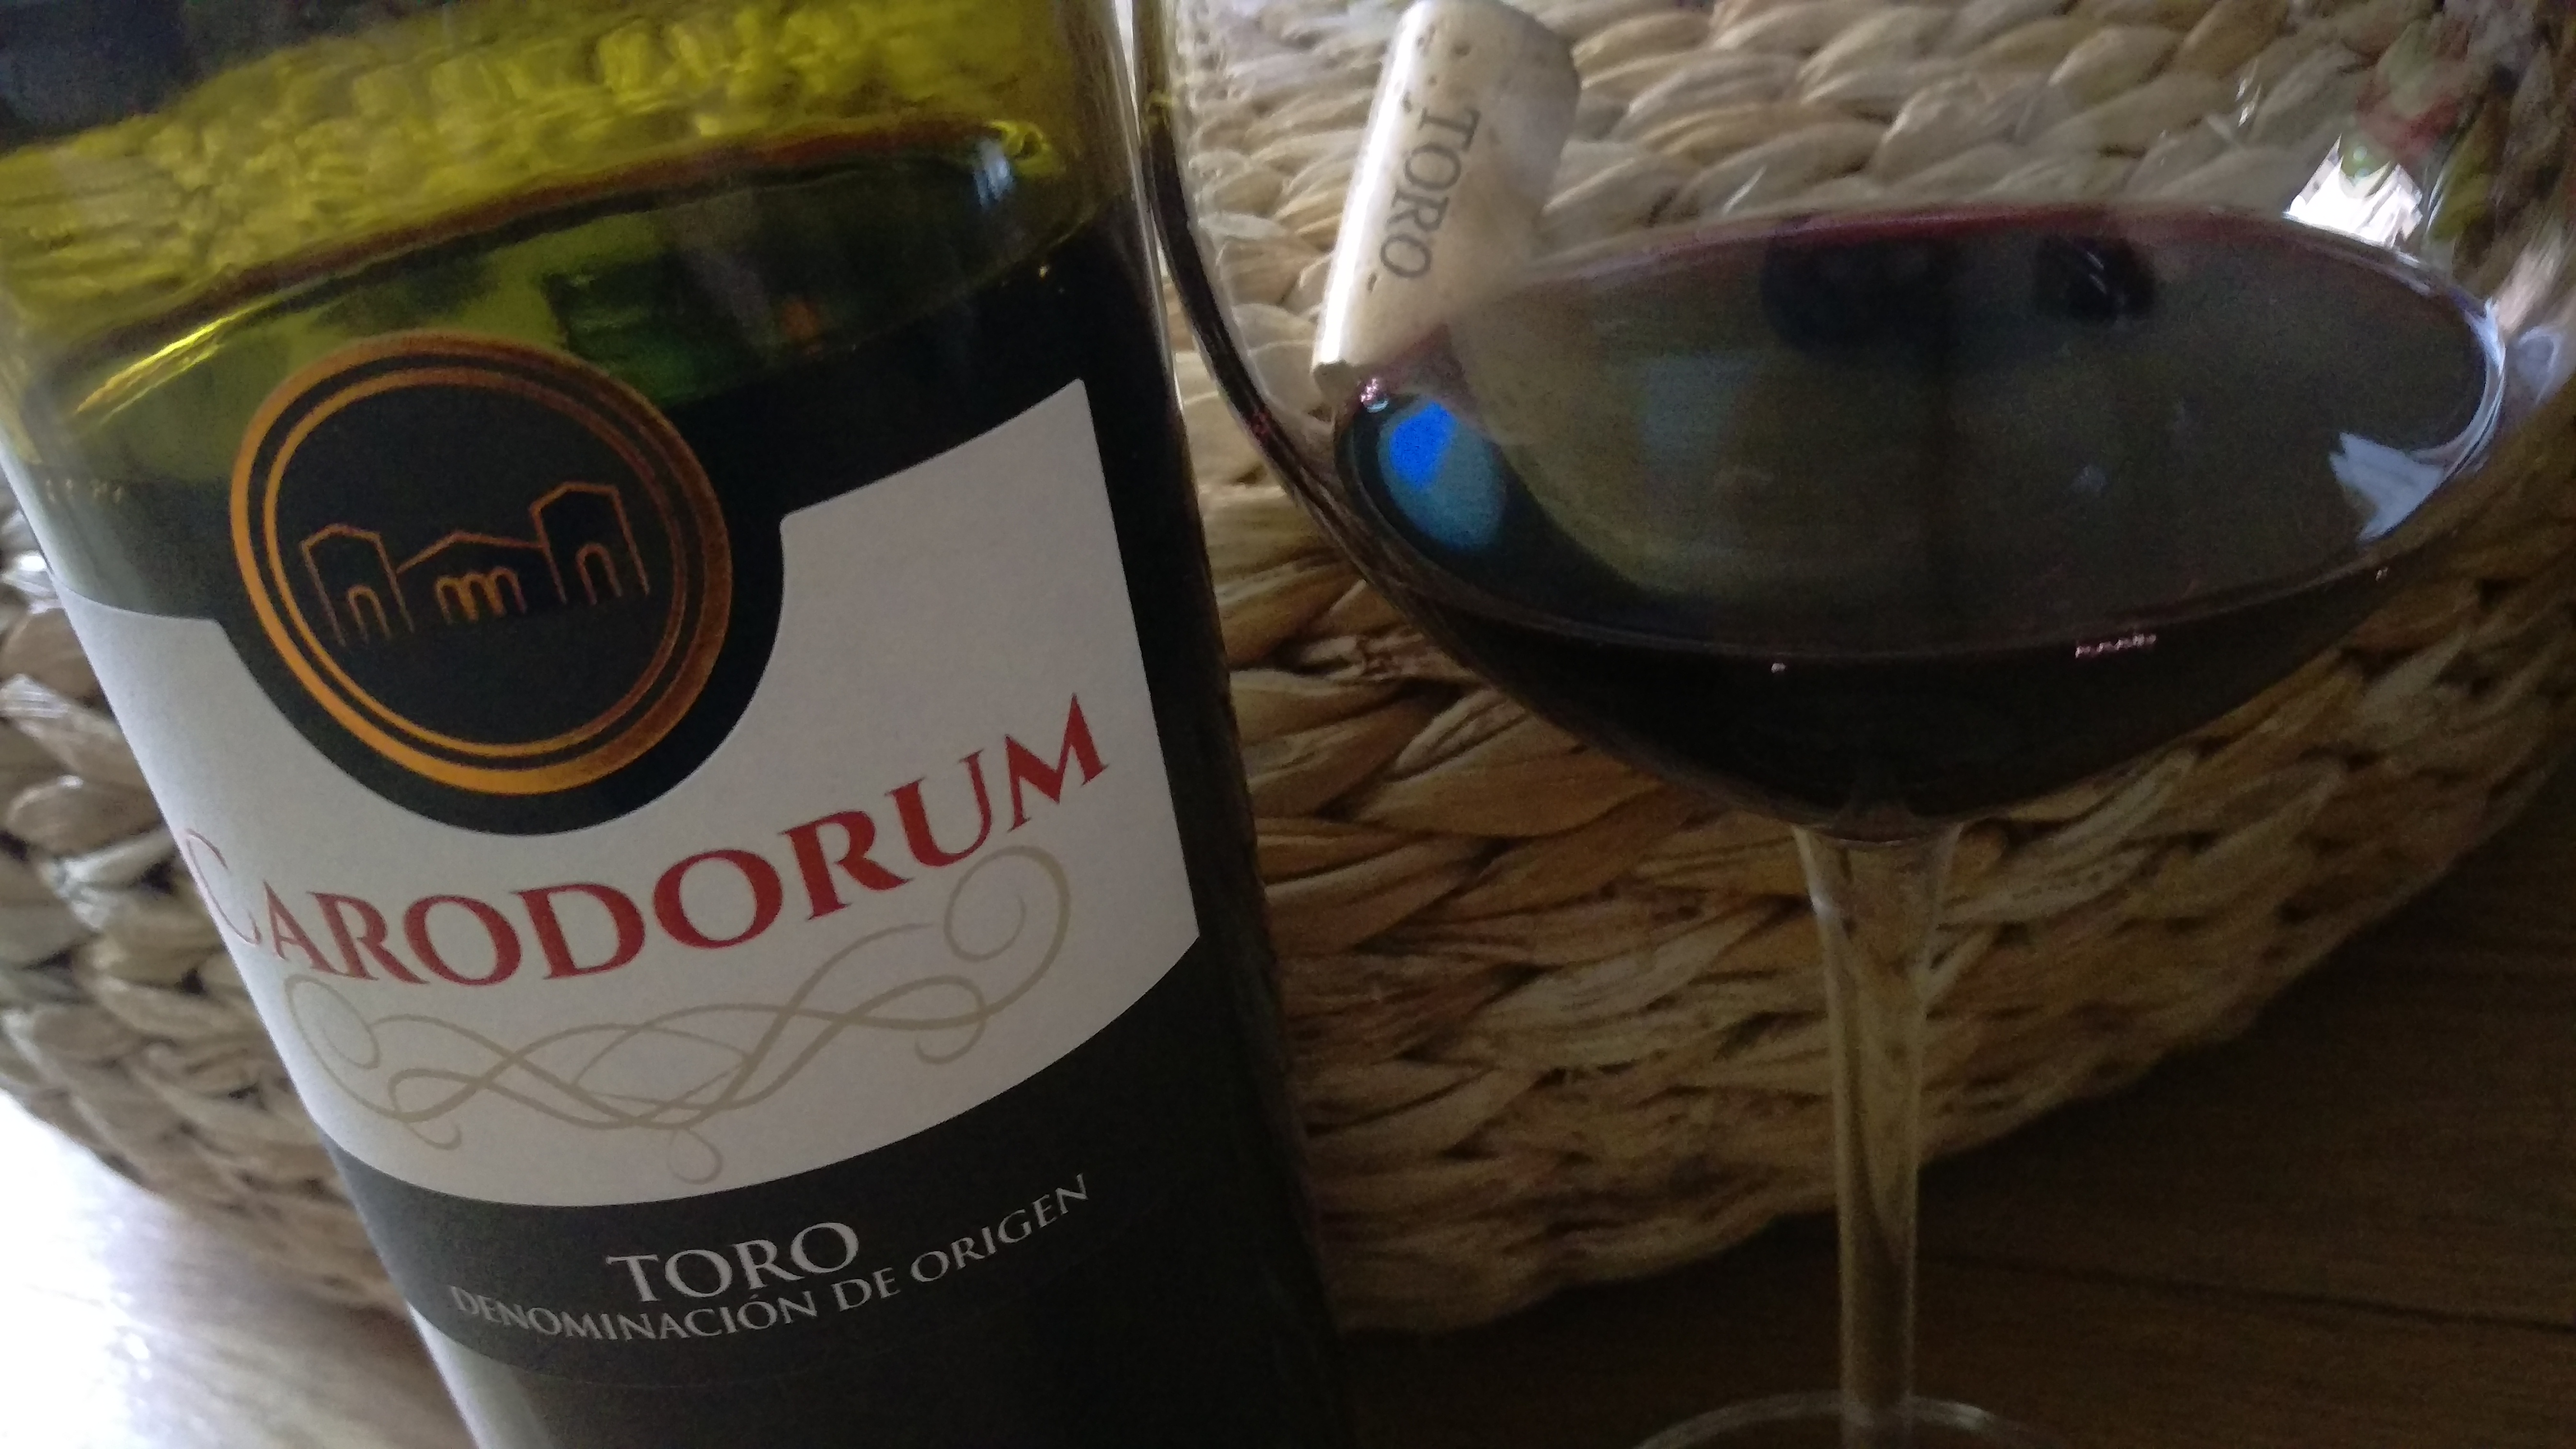 Carodorum crianza 2012, finura e intensidad aromática de Toro